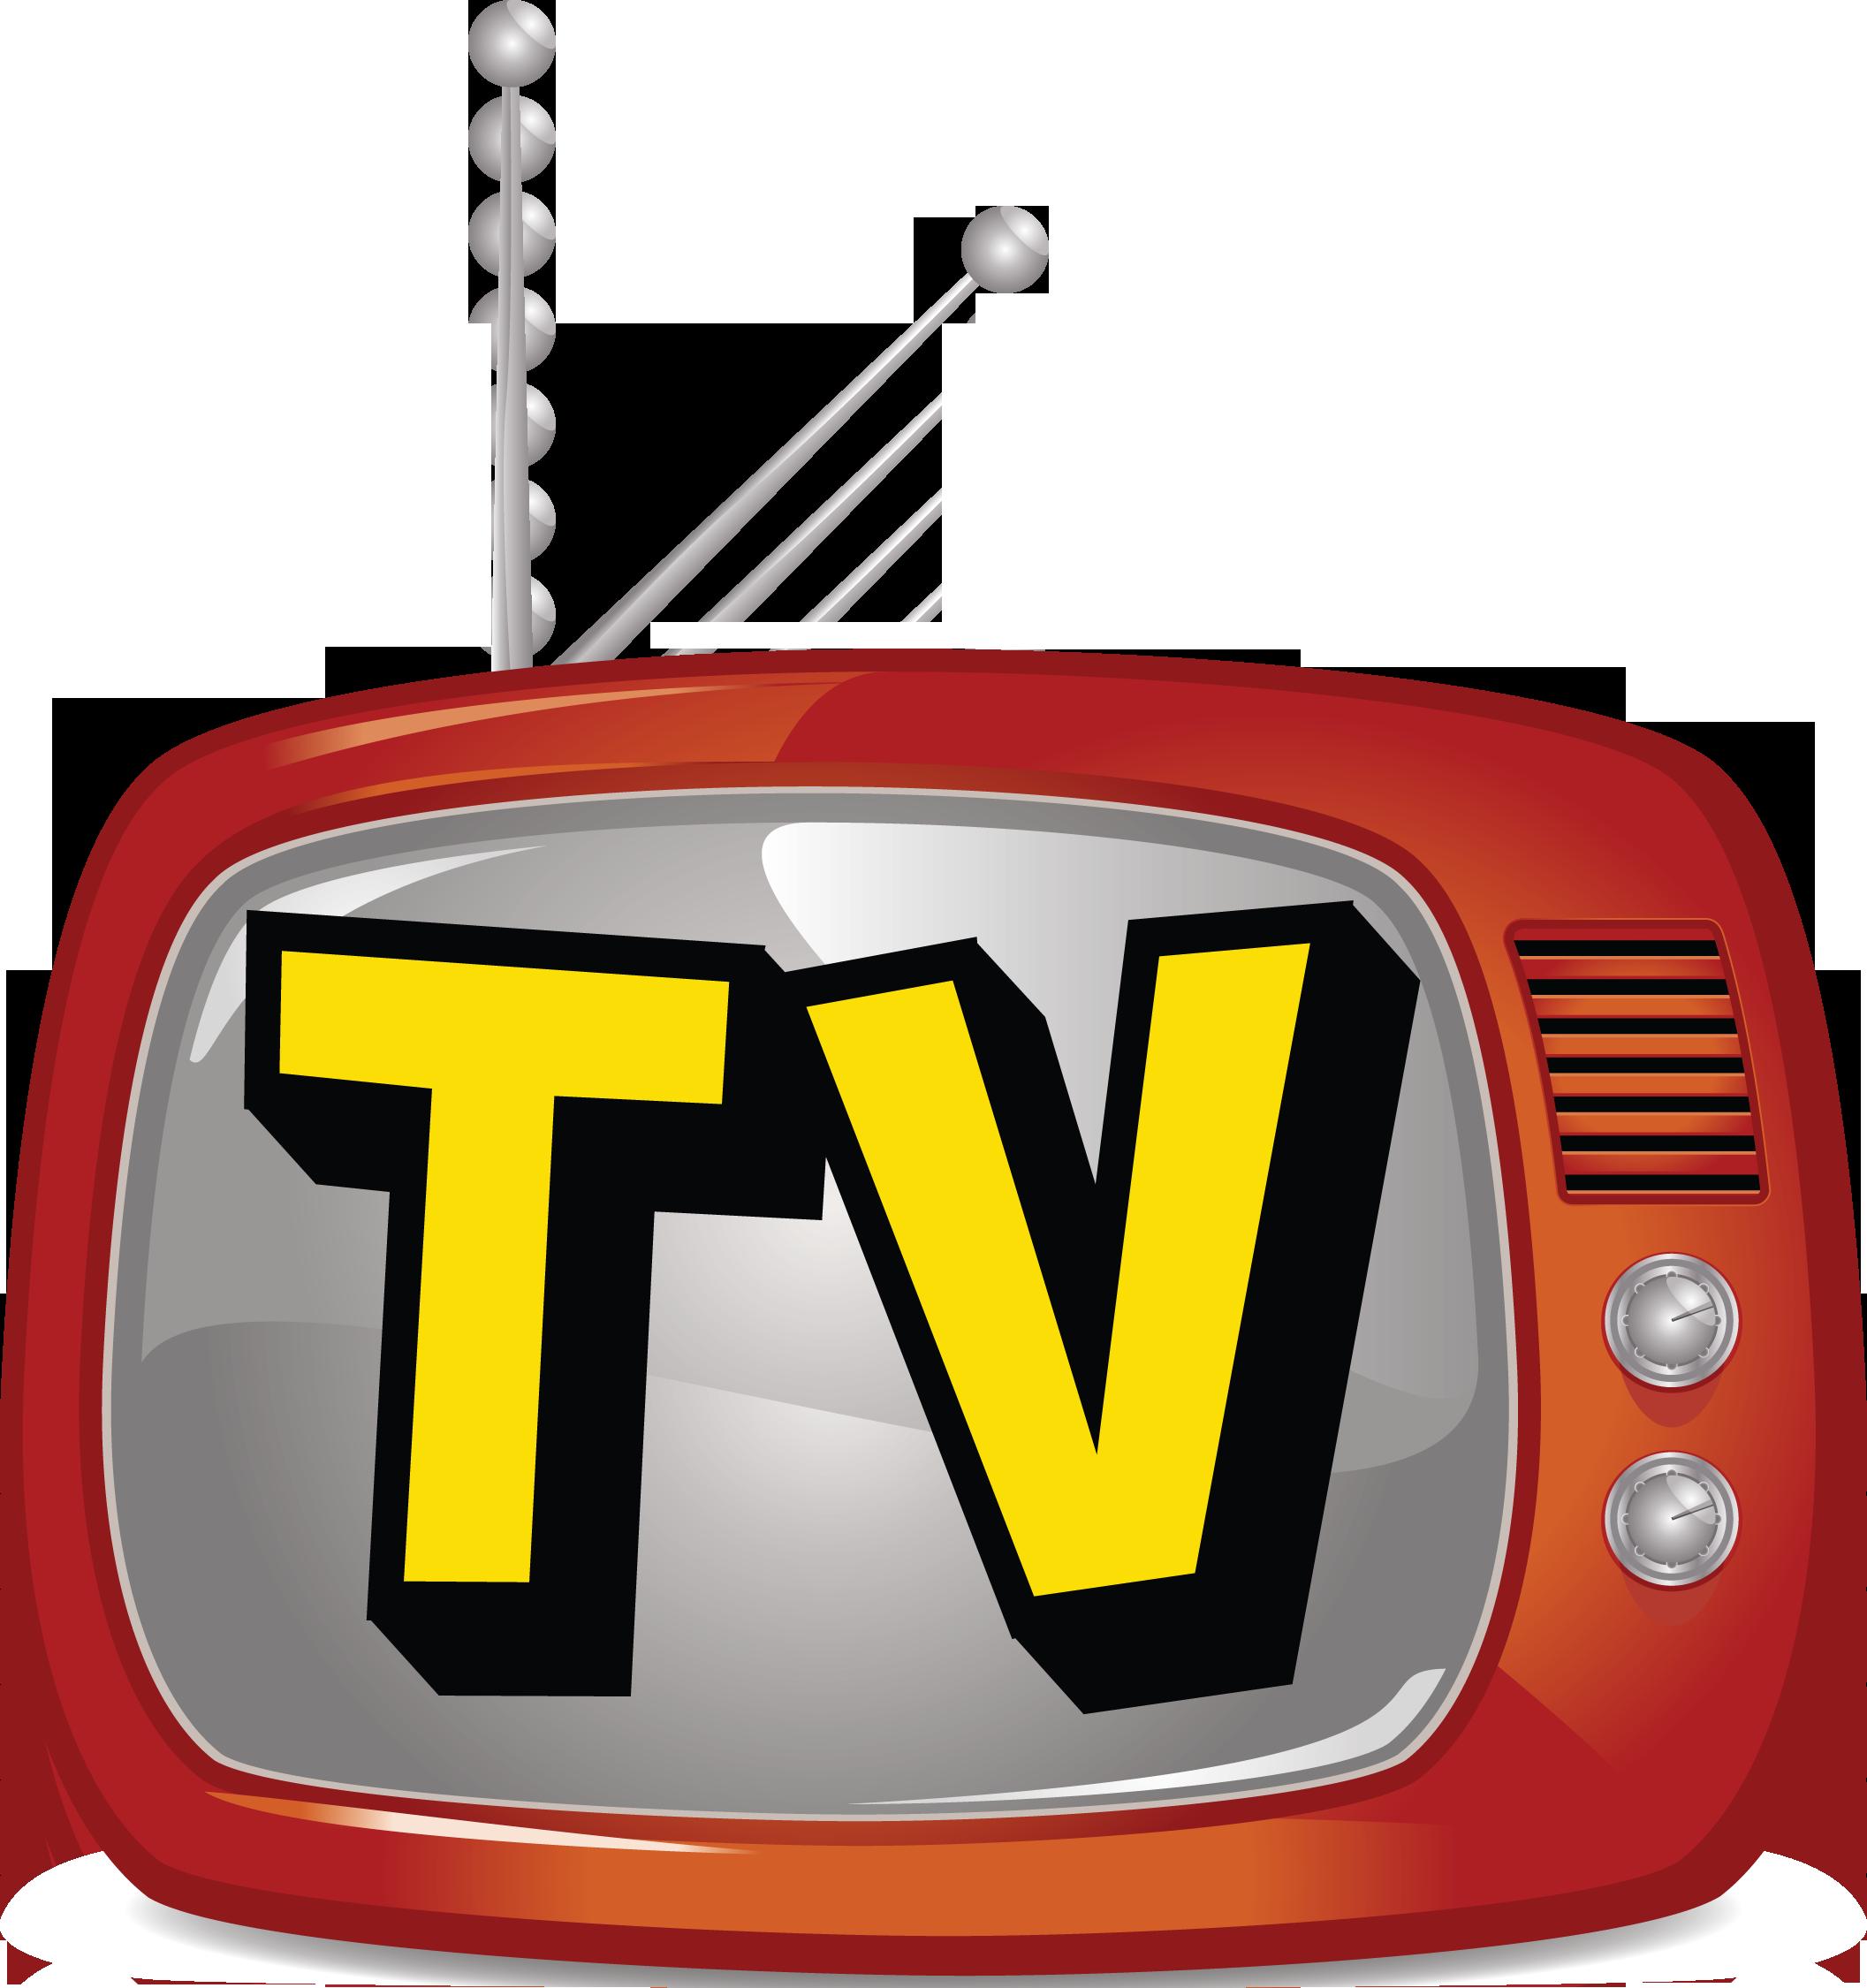 Television clipart sitcom. Entertainment vivian j paige